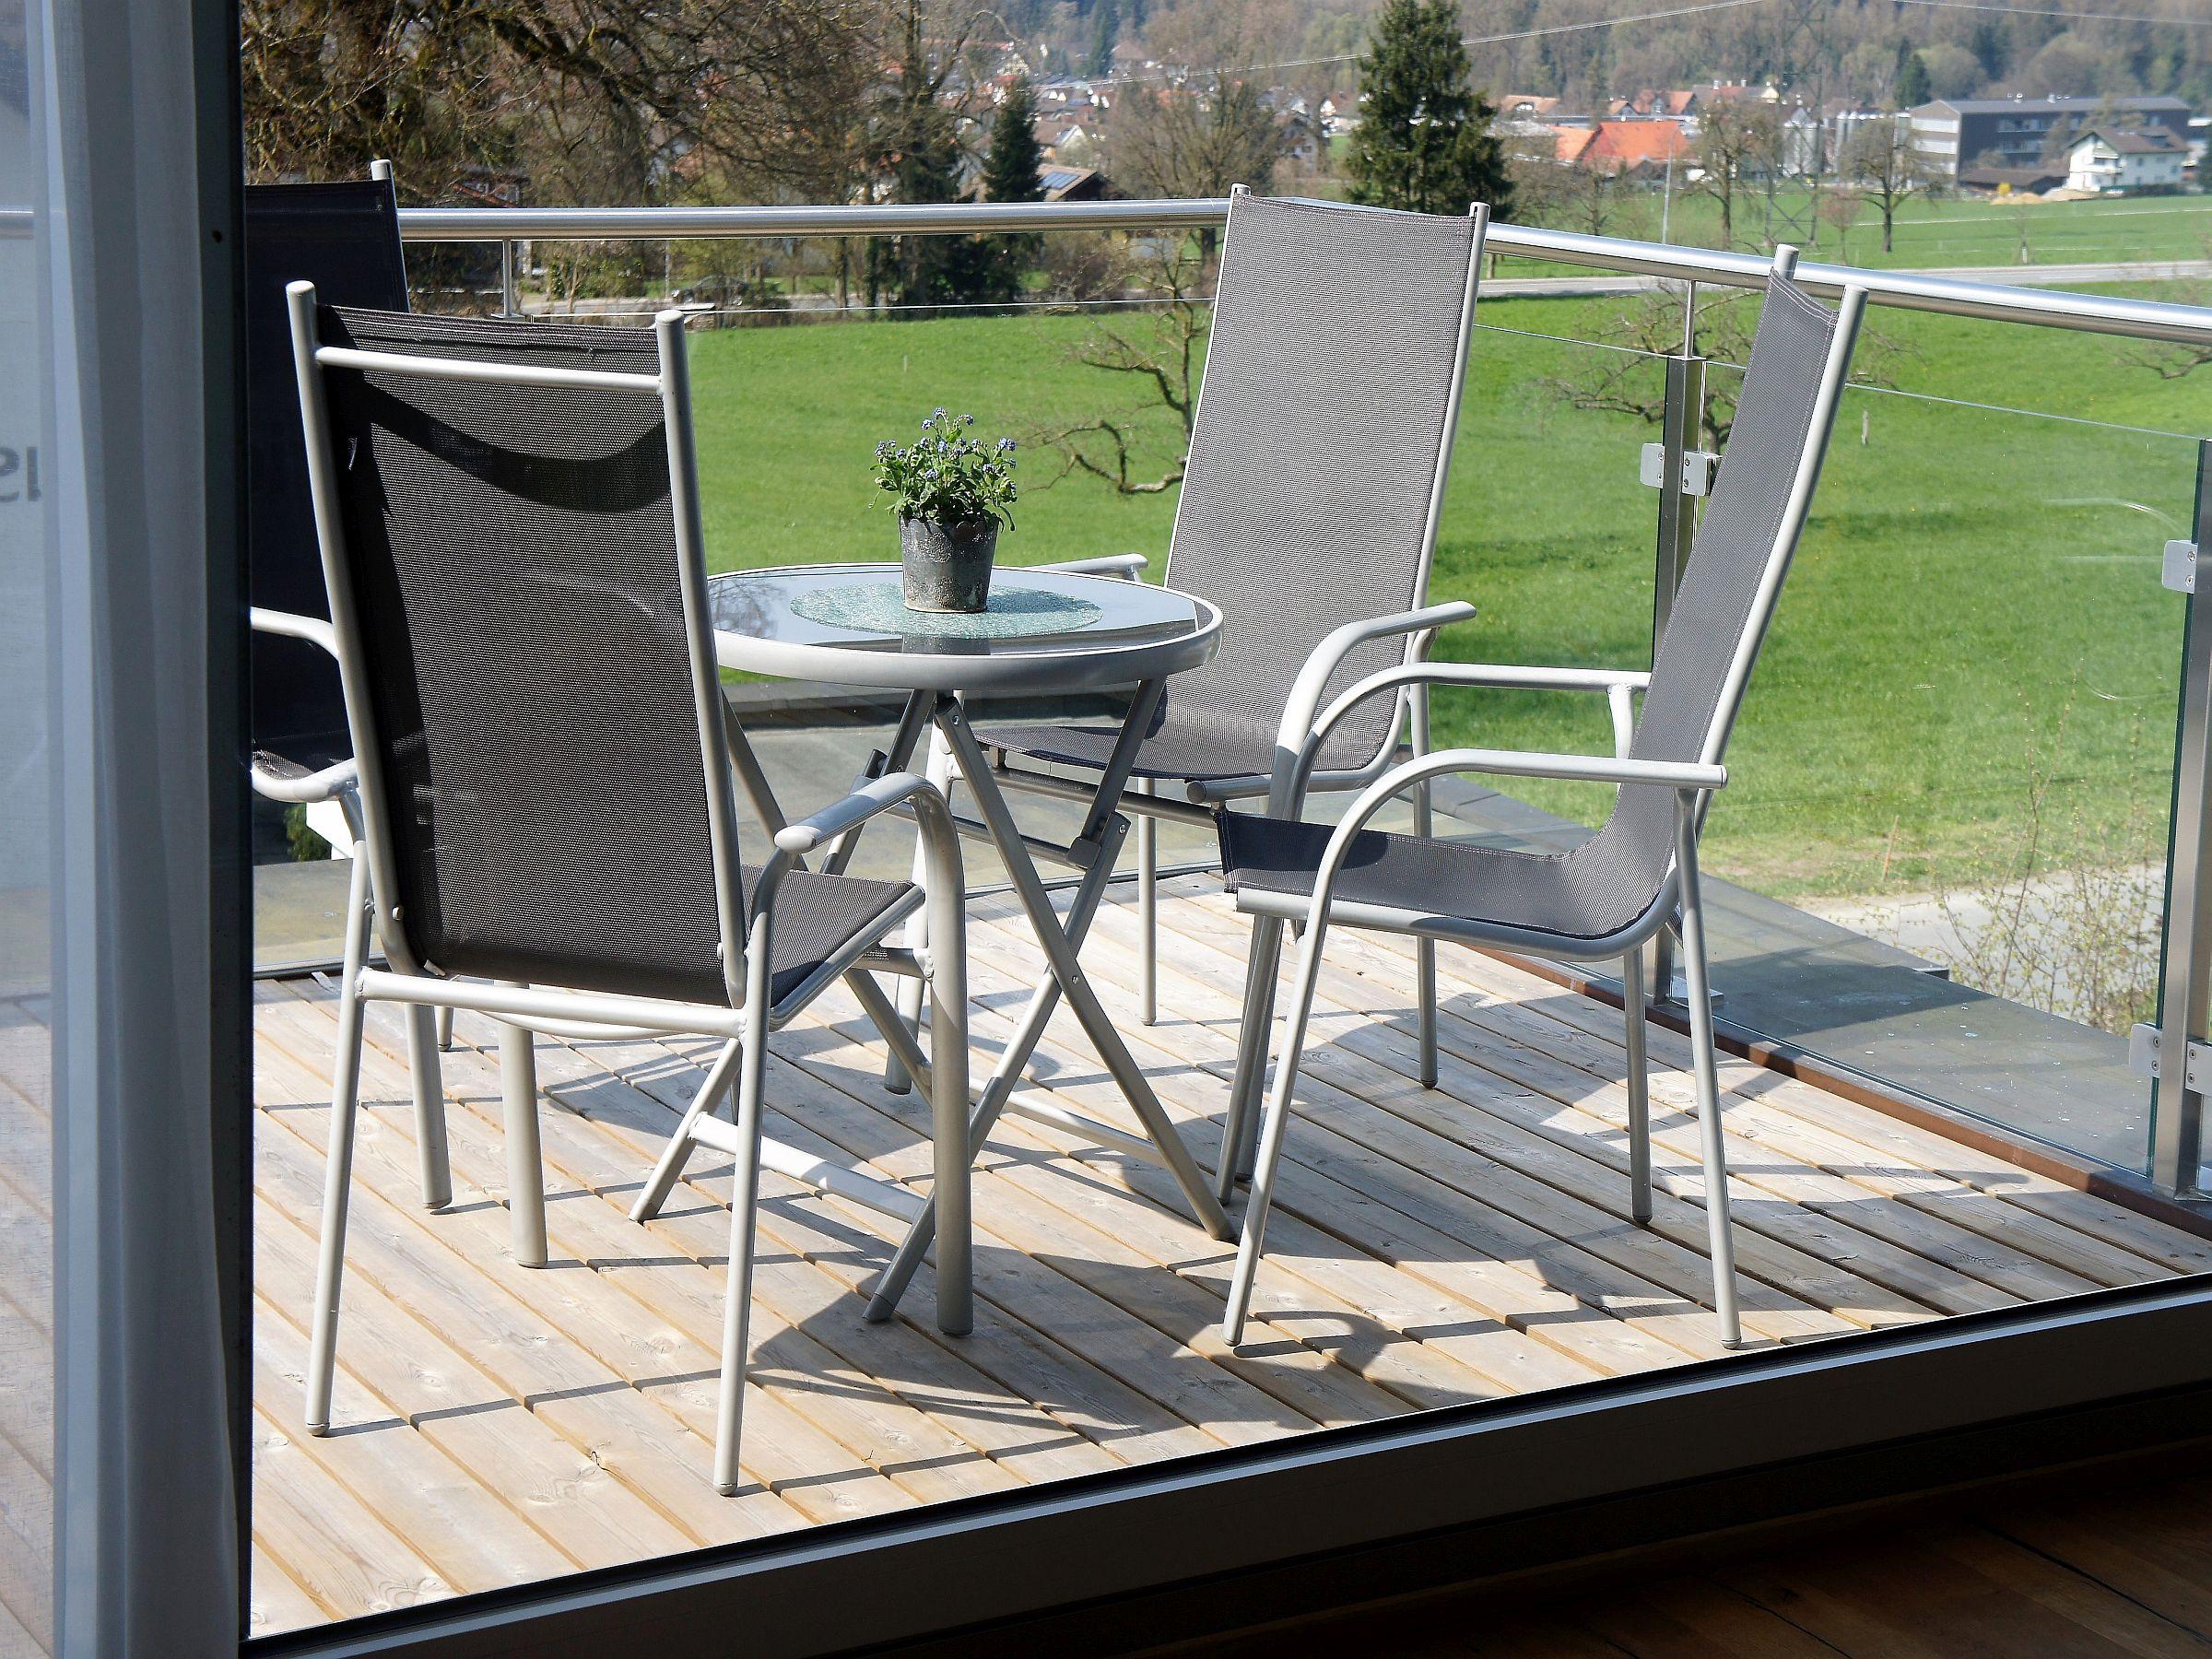 Appartement de vacances Sandra, (Hörbranz). Ferienwohnung Dreiländerblick, 58qm, 1 Schlafzimmer, max. 4 Personen (2127339), Hörbranz, Bregenz, Vorarlberg, Autriche, image 18